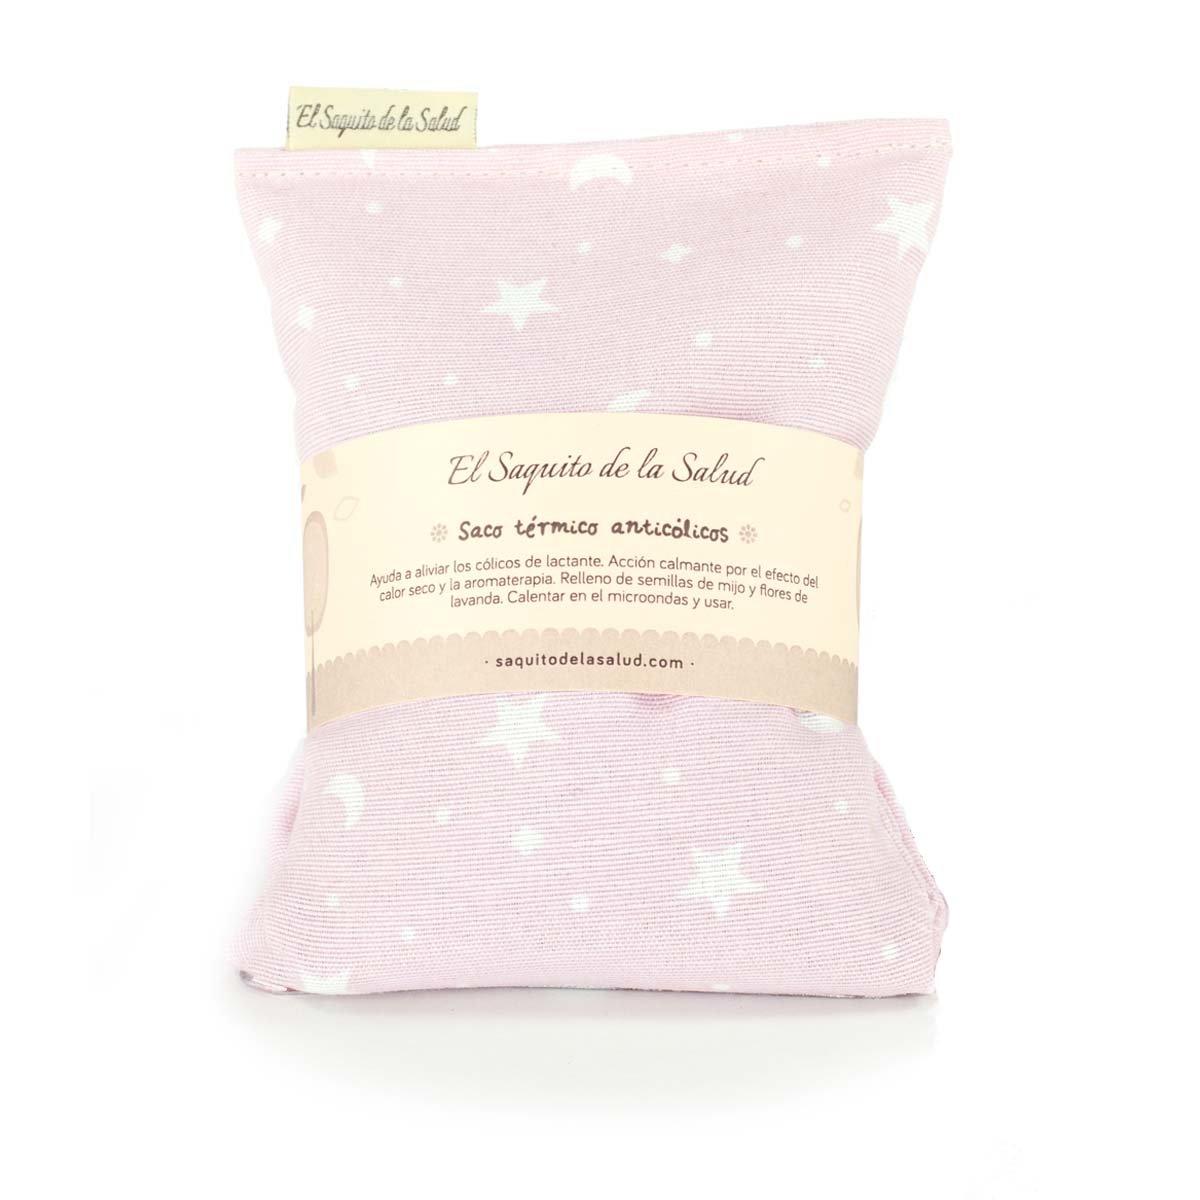 Saco Térmico de Semillas Anti Cólico del Lactante aroma a Lavanda Rosa con Estrellitas El Saquito de la Salud